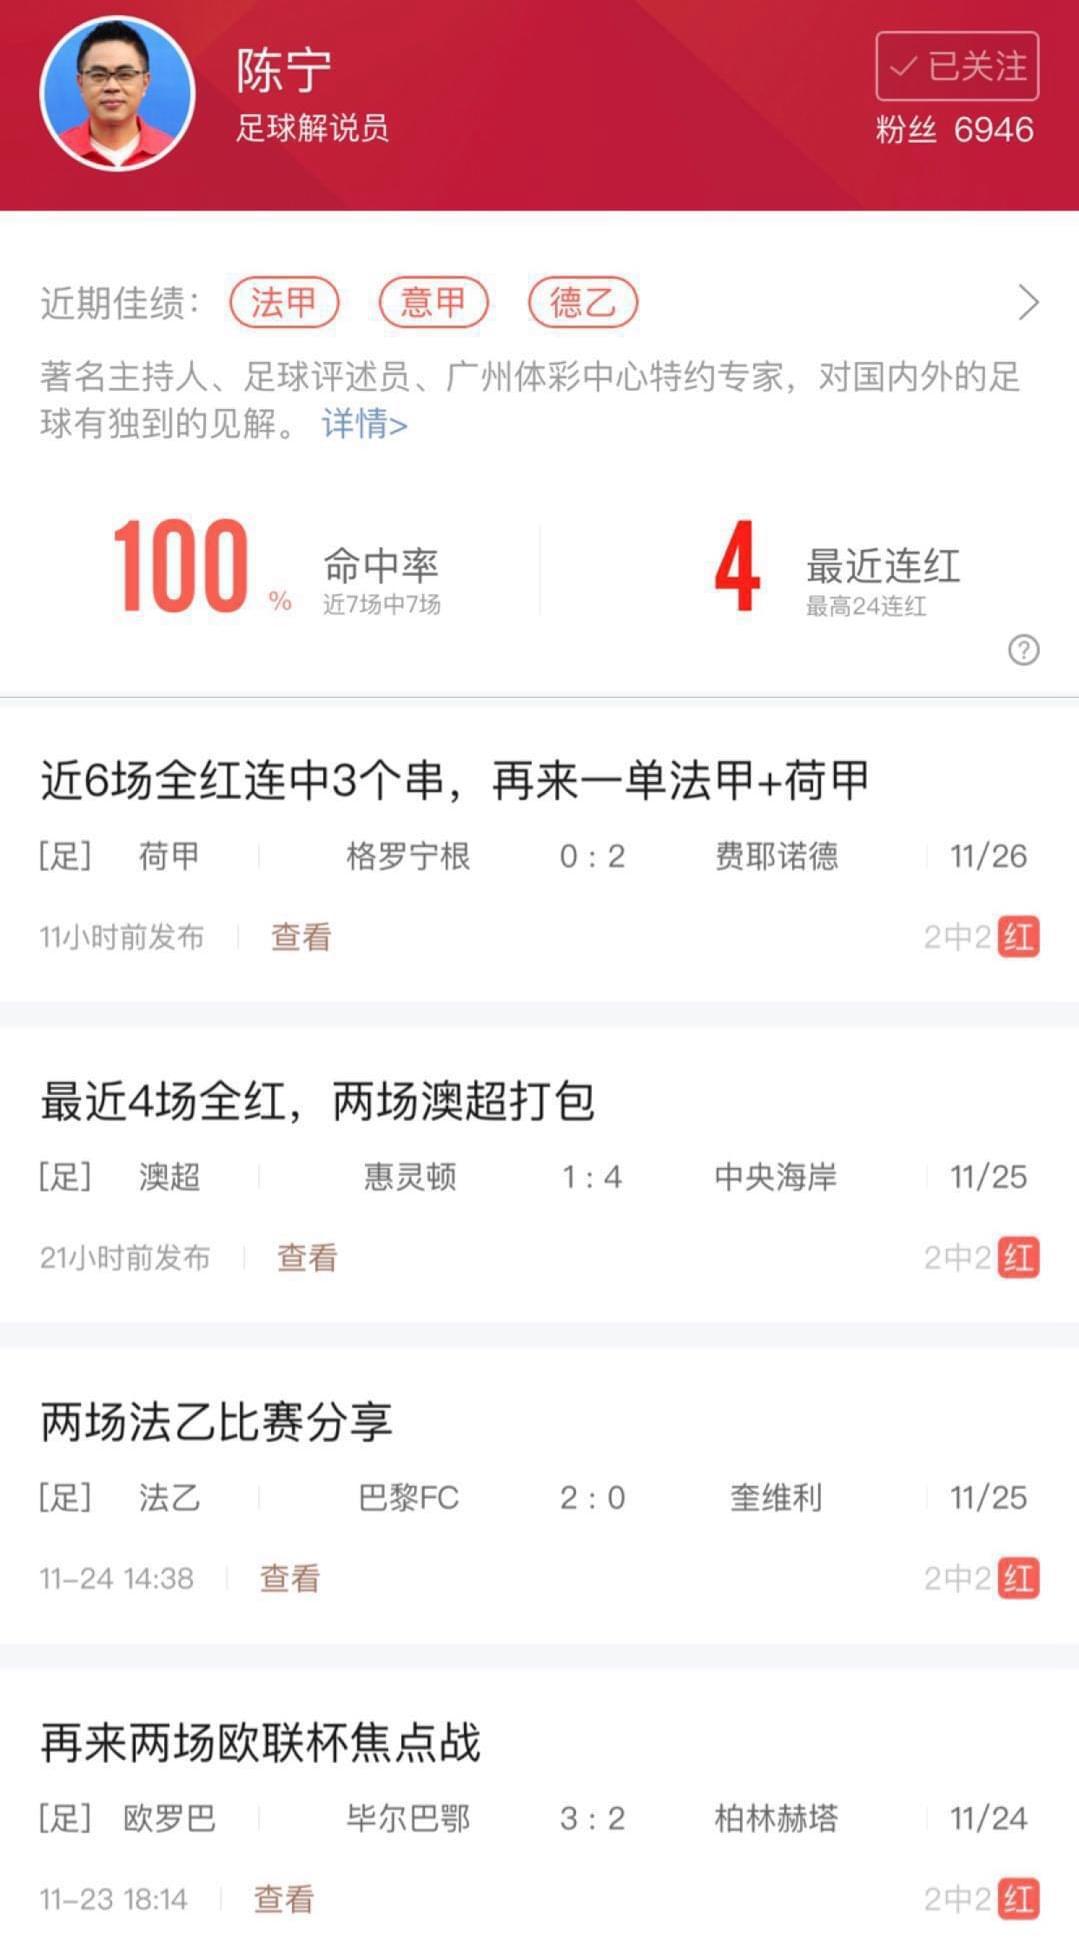 广东体育名嘴足彩8连红 逆天捞金能力真有窍门?